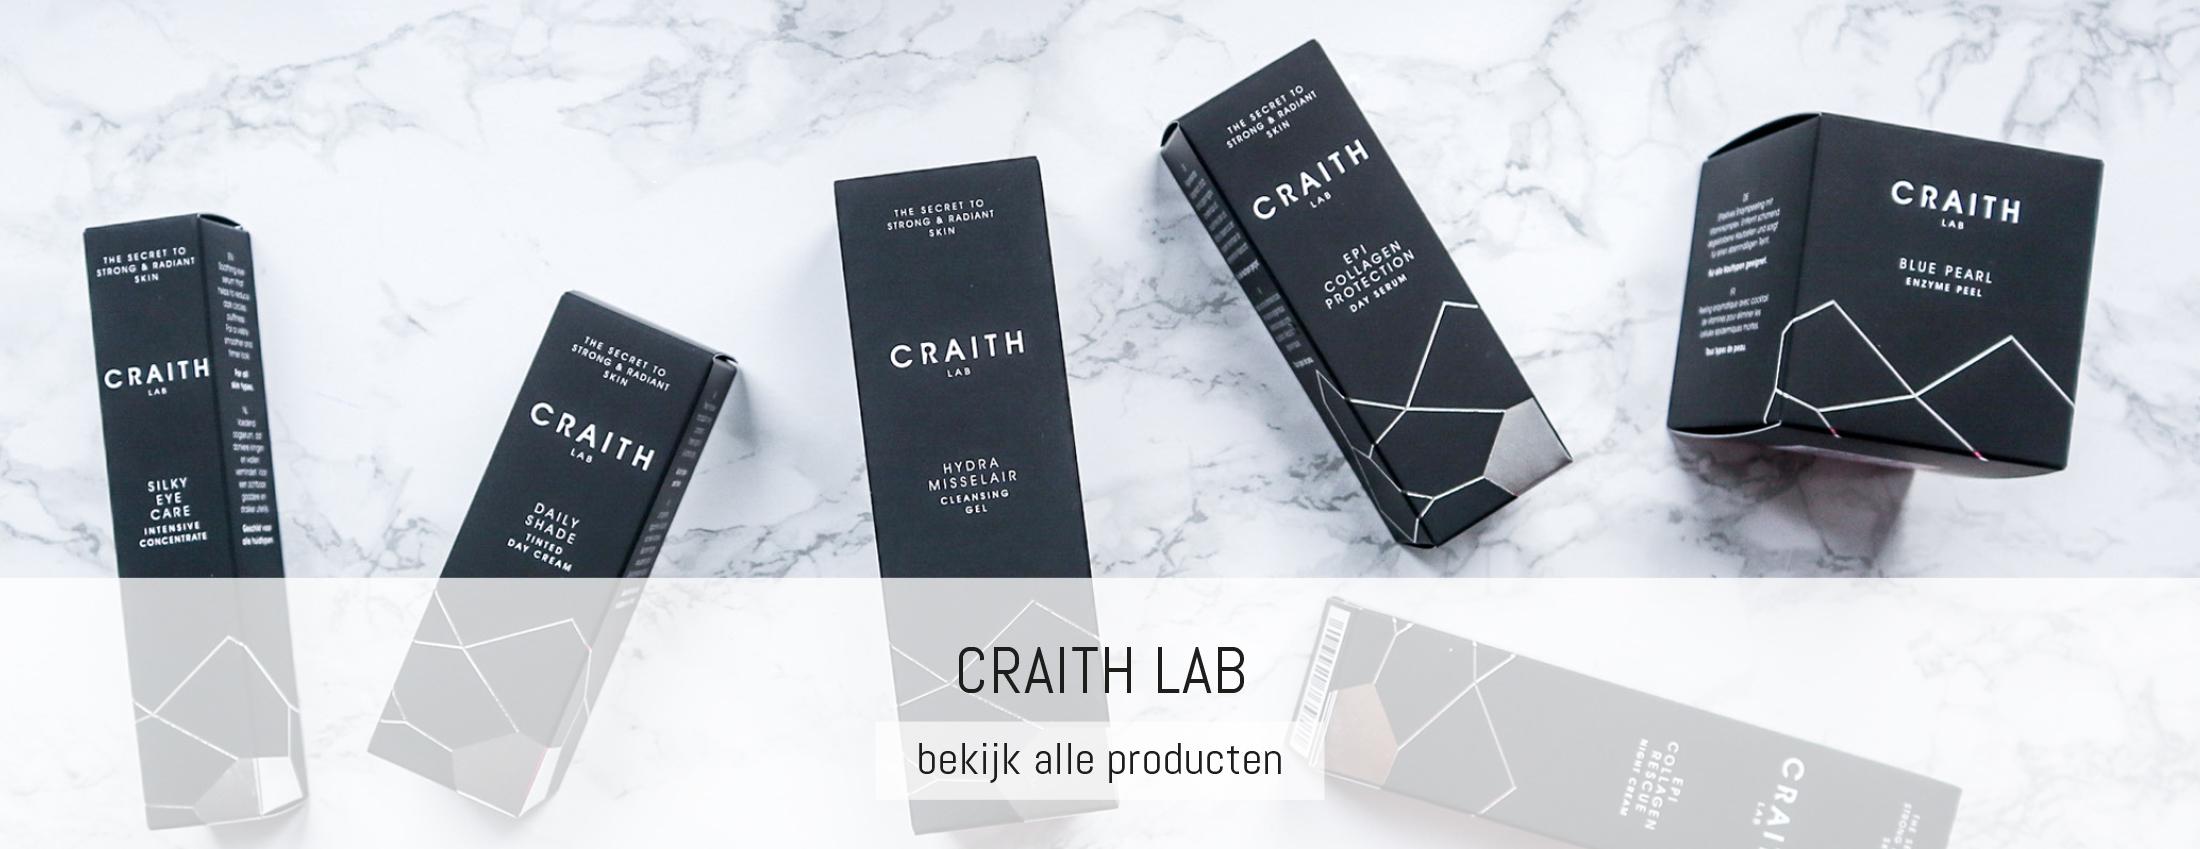 CRAITH LAB BLACK